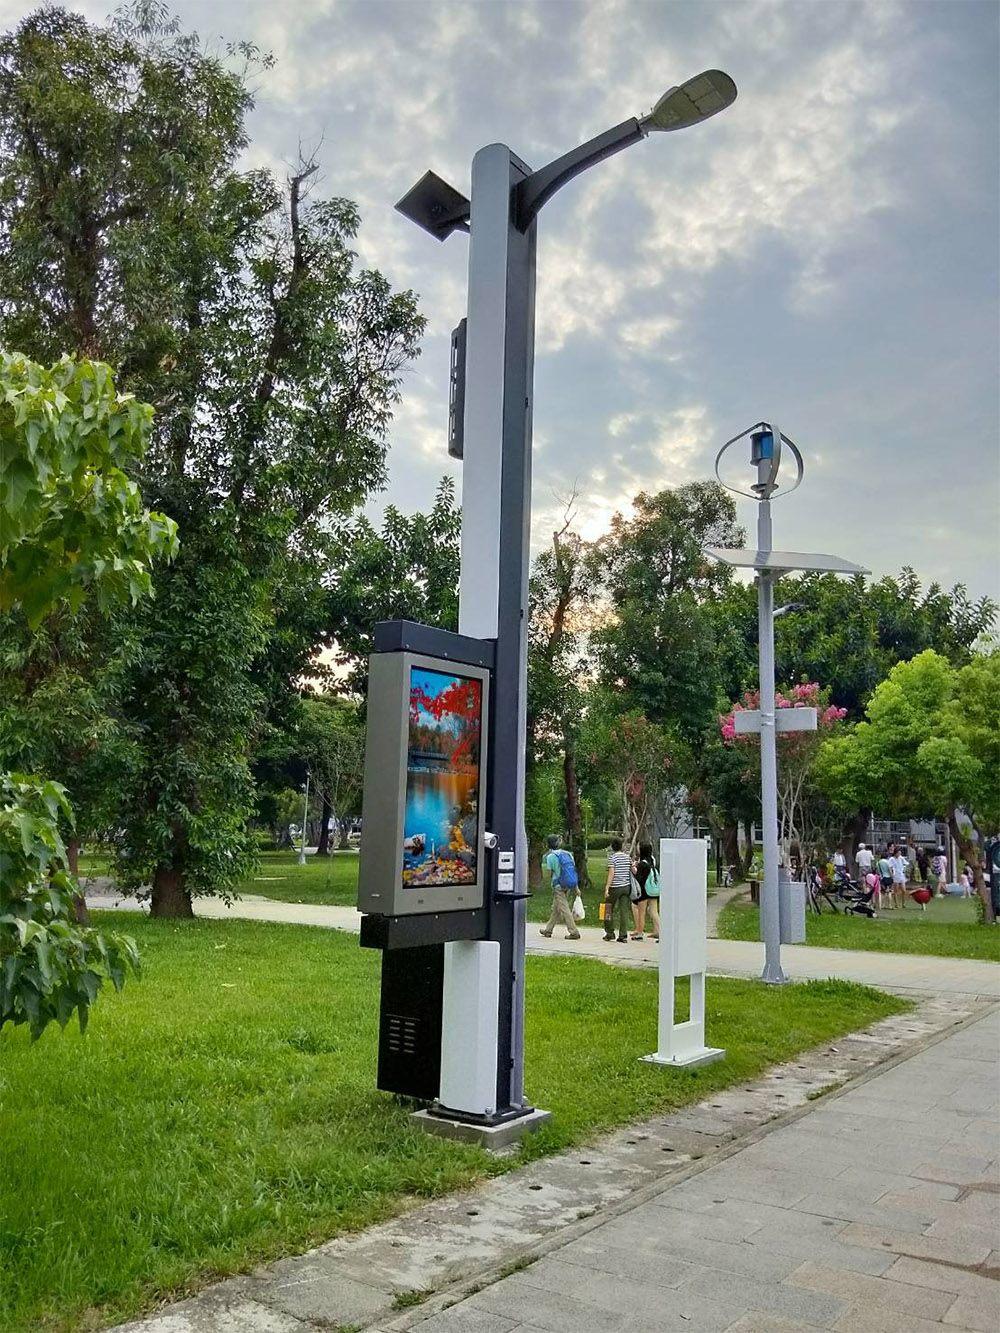 編號11.榮星花園公園路燈